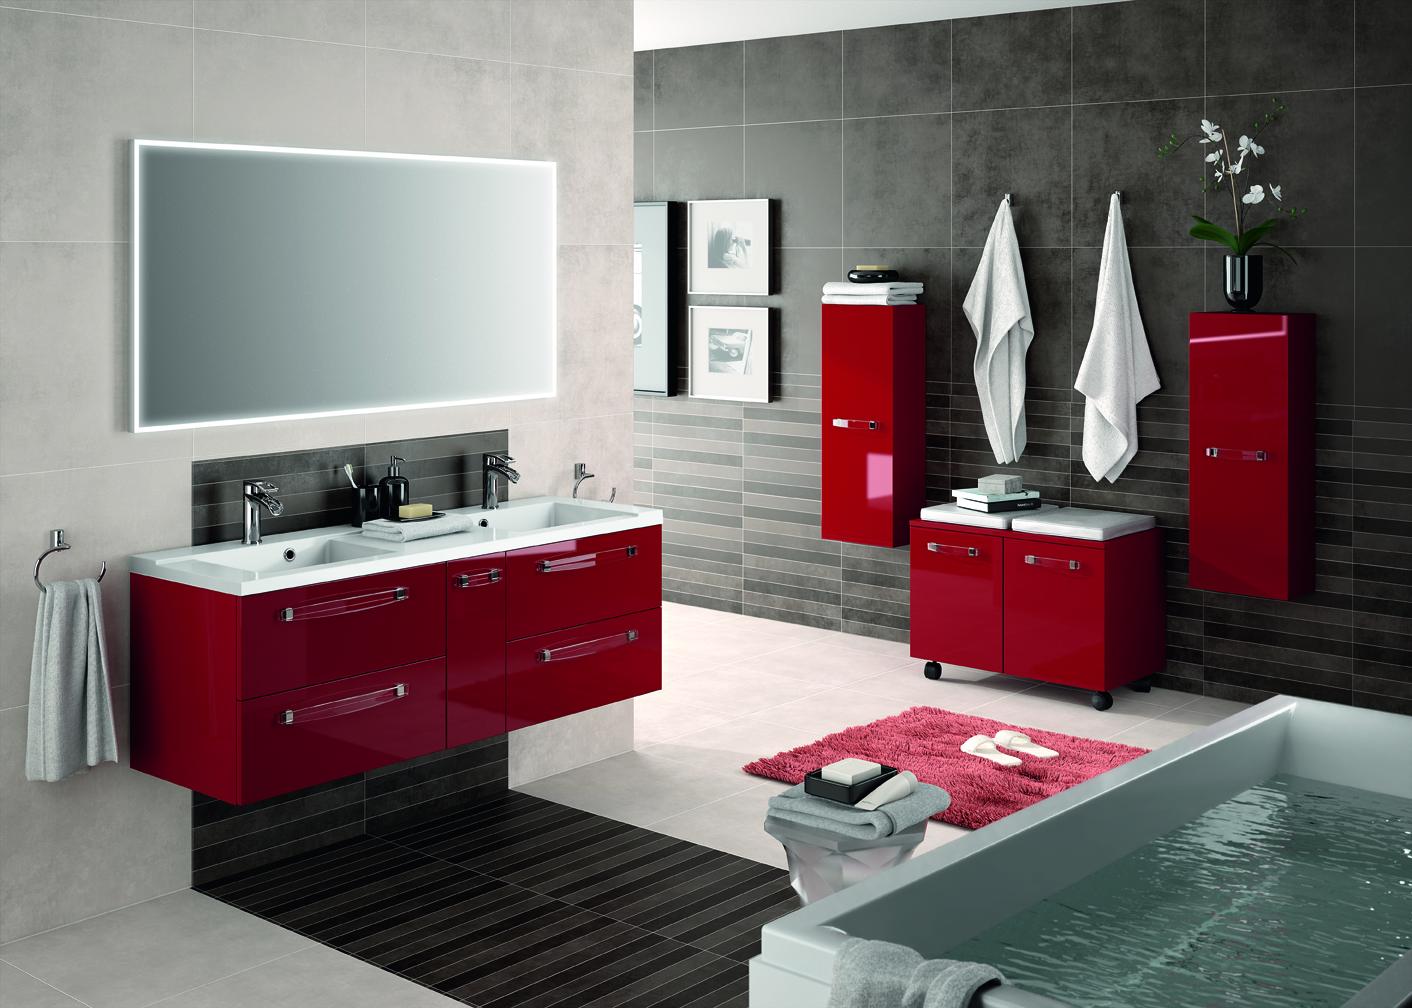 Meuble de salle de bain suspendre brooklyn a suspendre aquarine - Meuble salle de bain rouge ikea ...